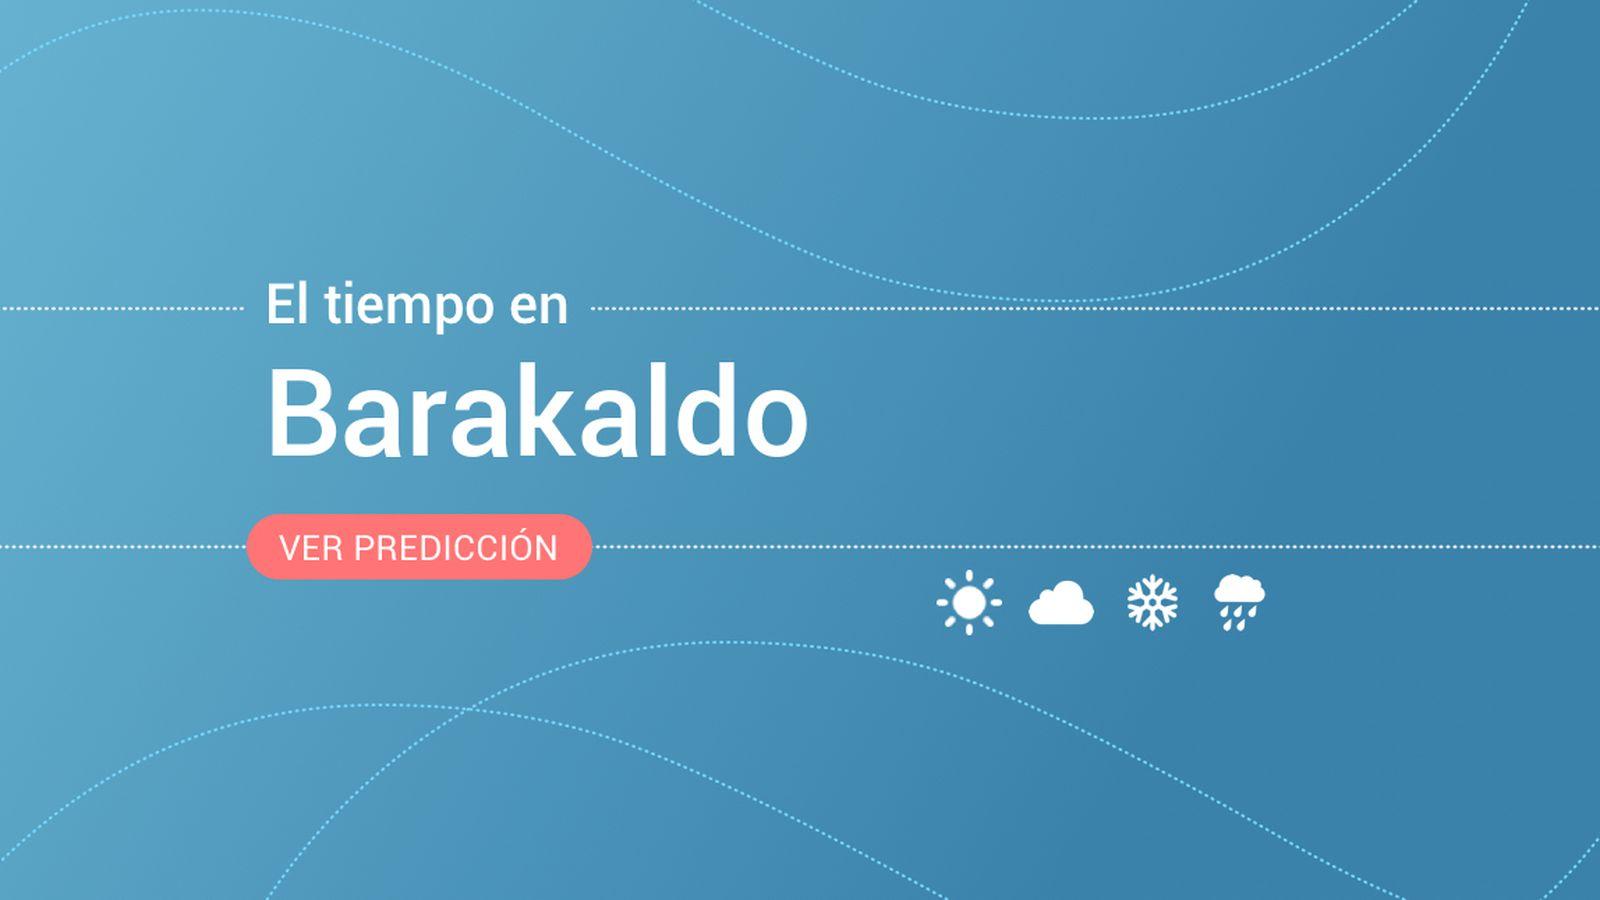 Foto: El tiempo en Barakaldo. (EC)